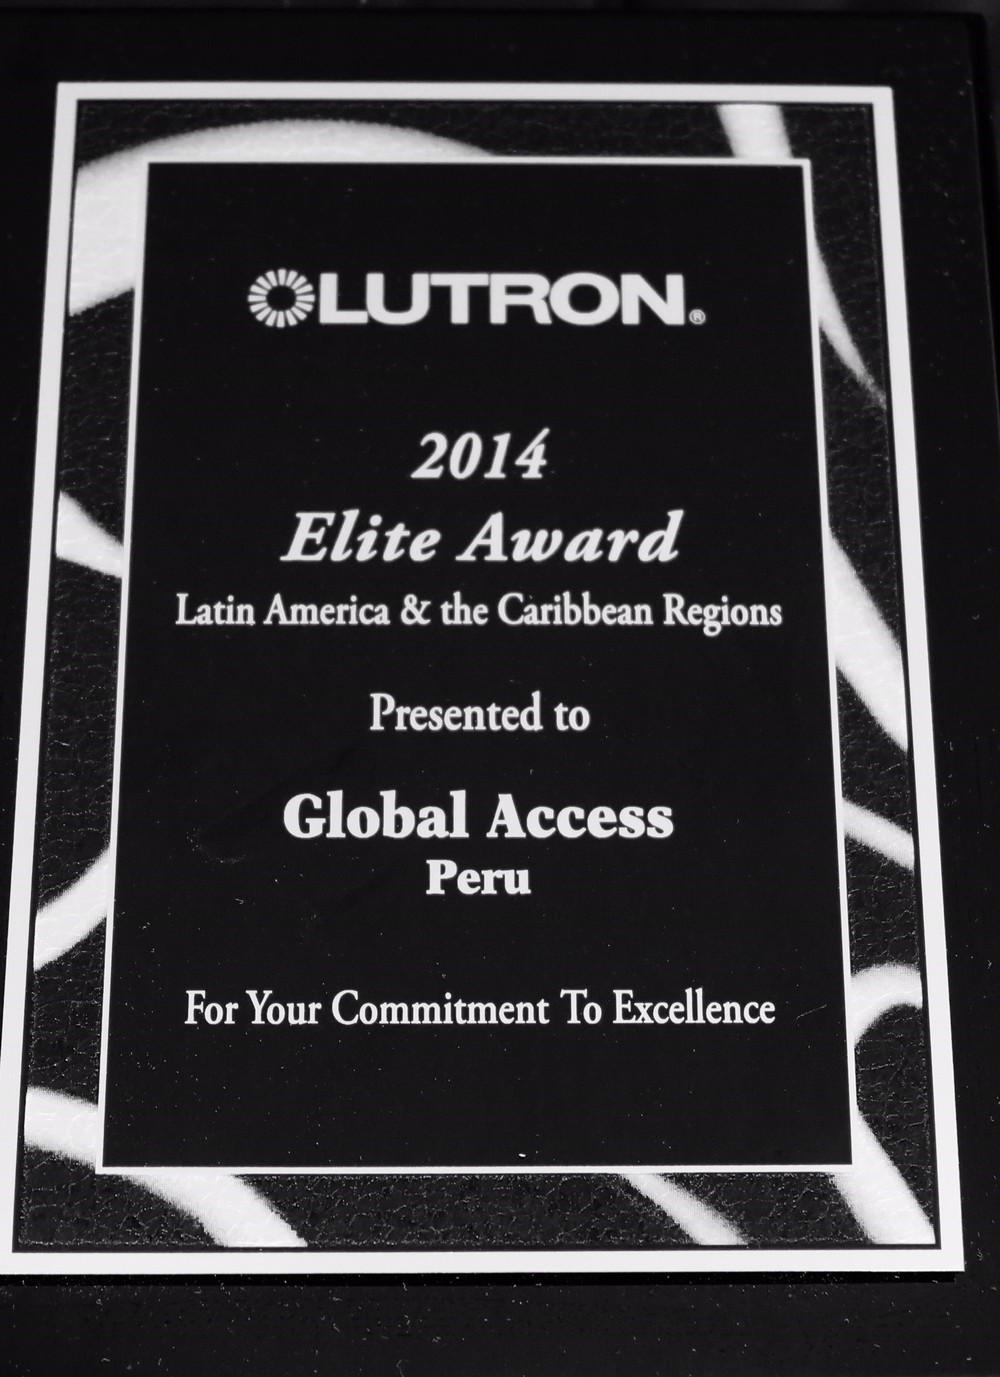 Premio Lutron 2014.jpg